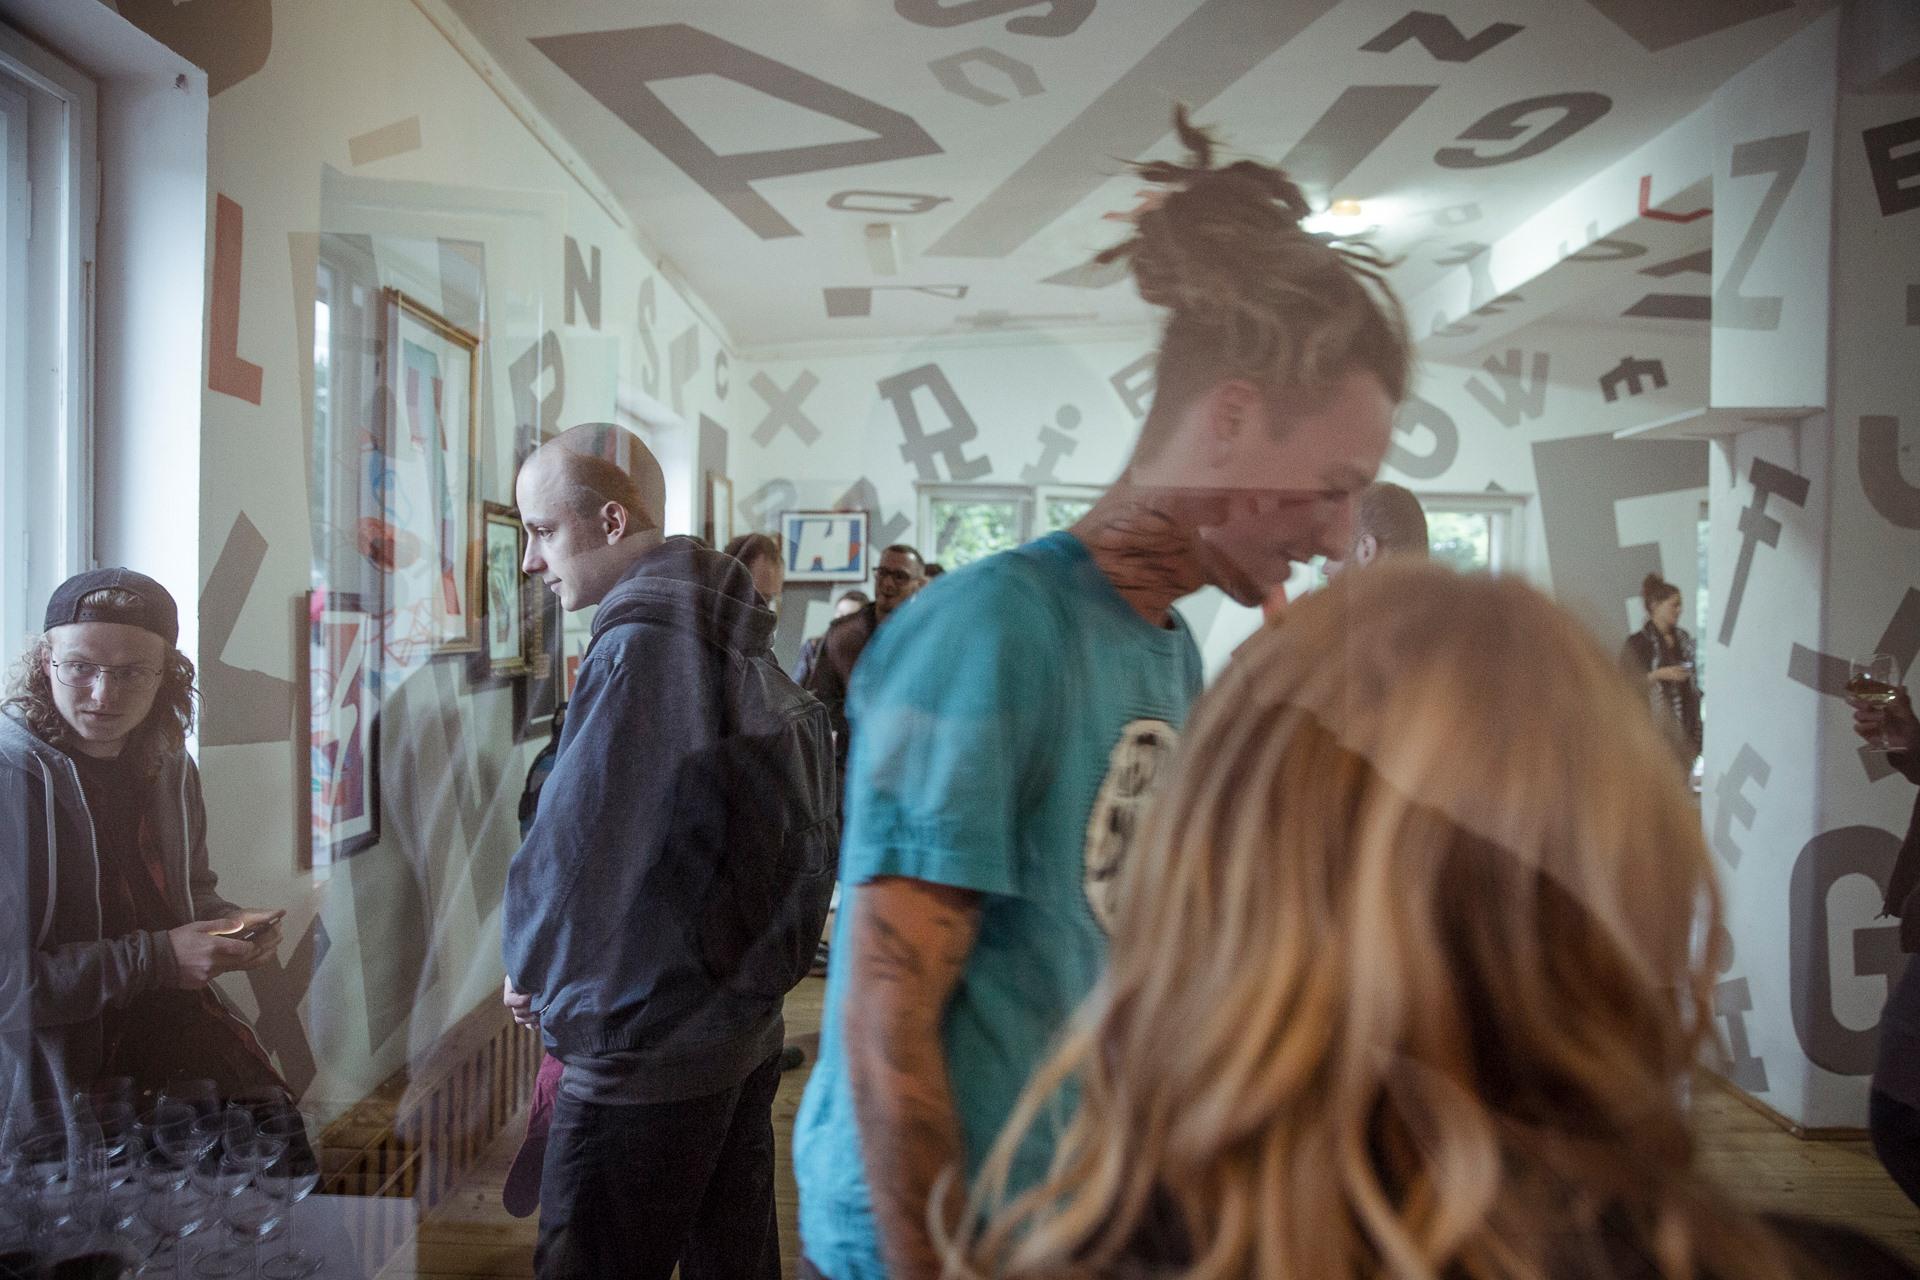 Wernisaż w tuBAZIE. Na zdjęciu widać grupę ludzi i ściany pomieszczenia ozdobione dużymi literami.